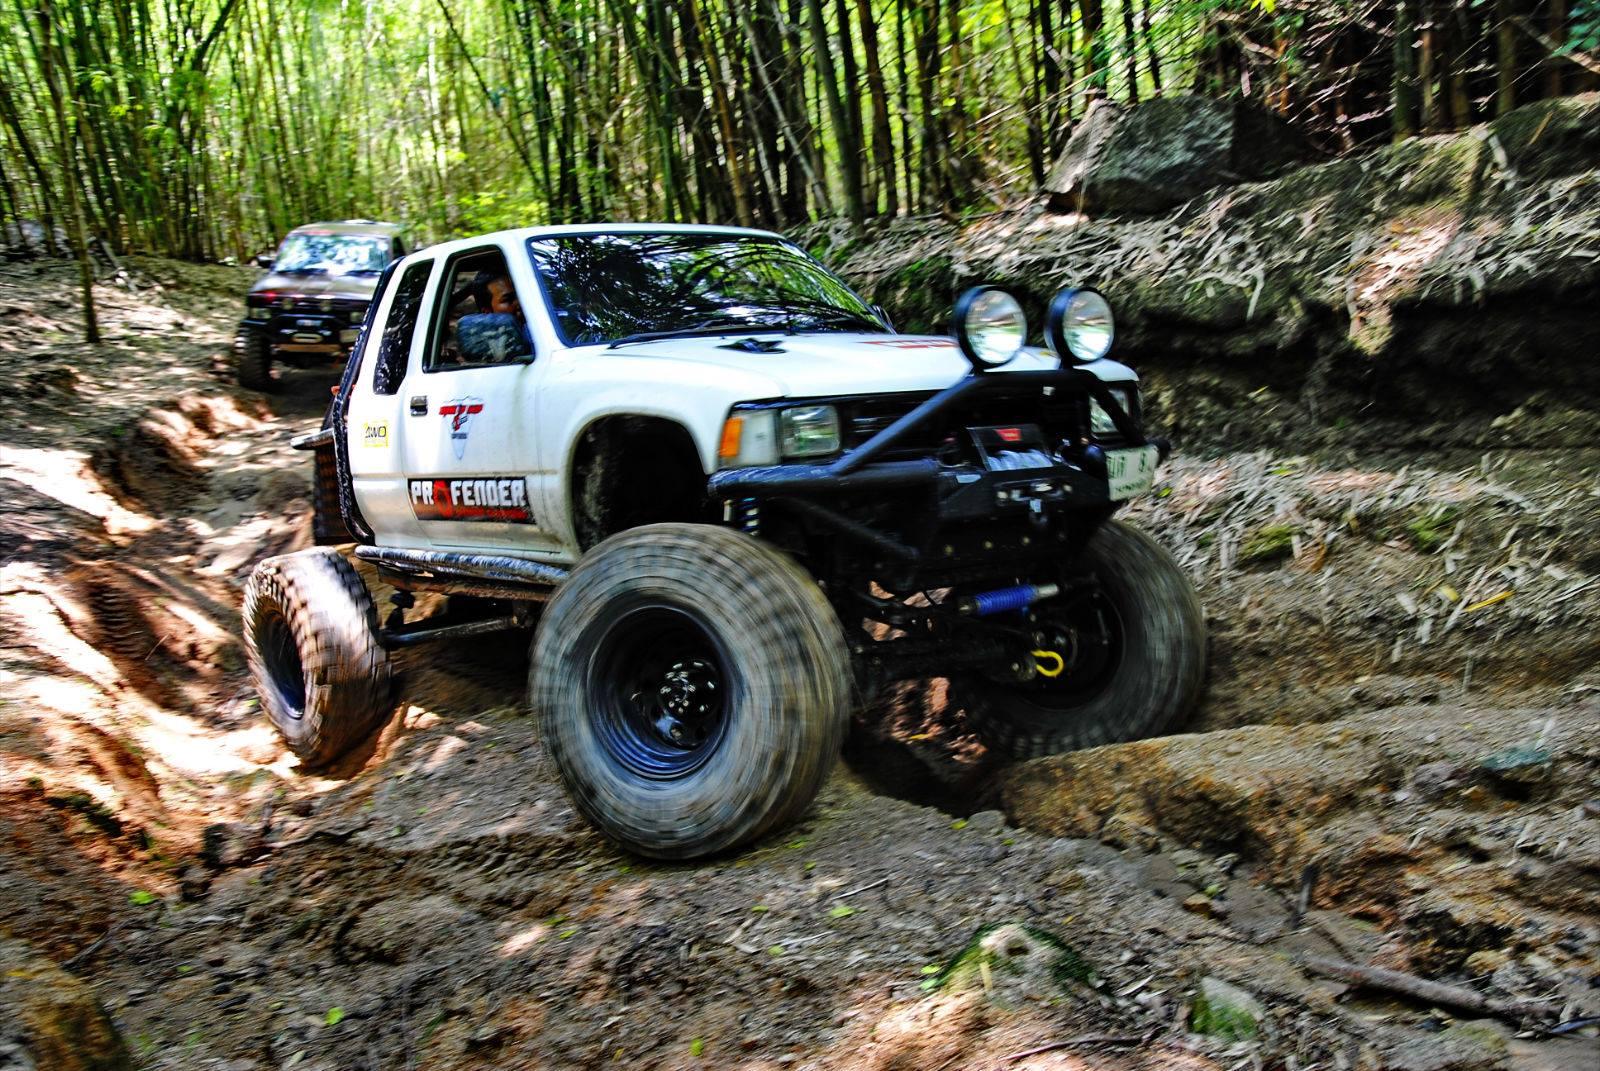 Profender Toyota Vigo driving along a track